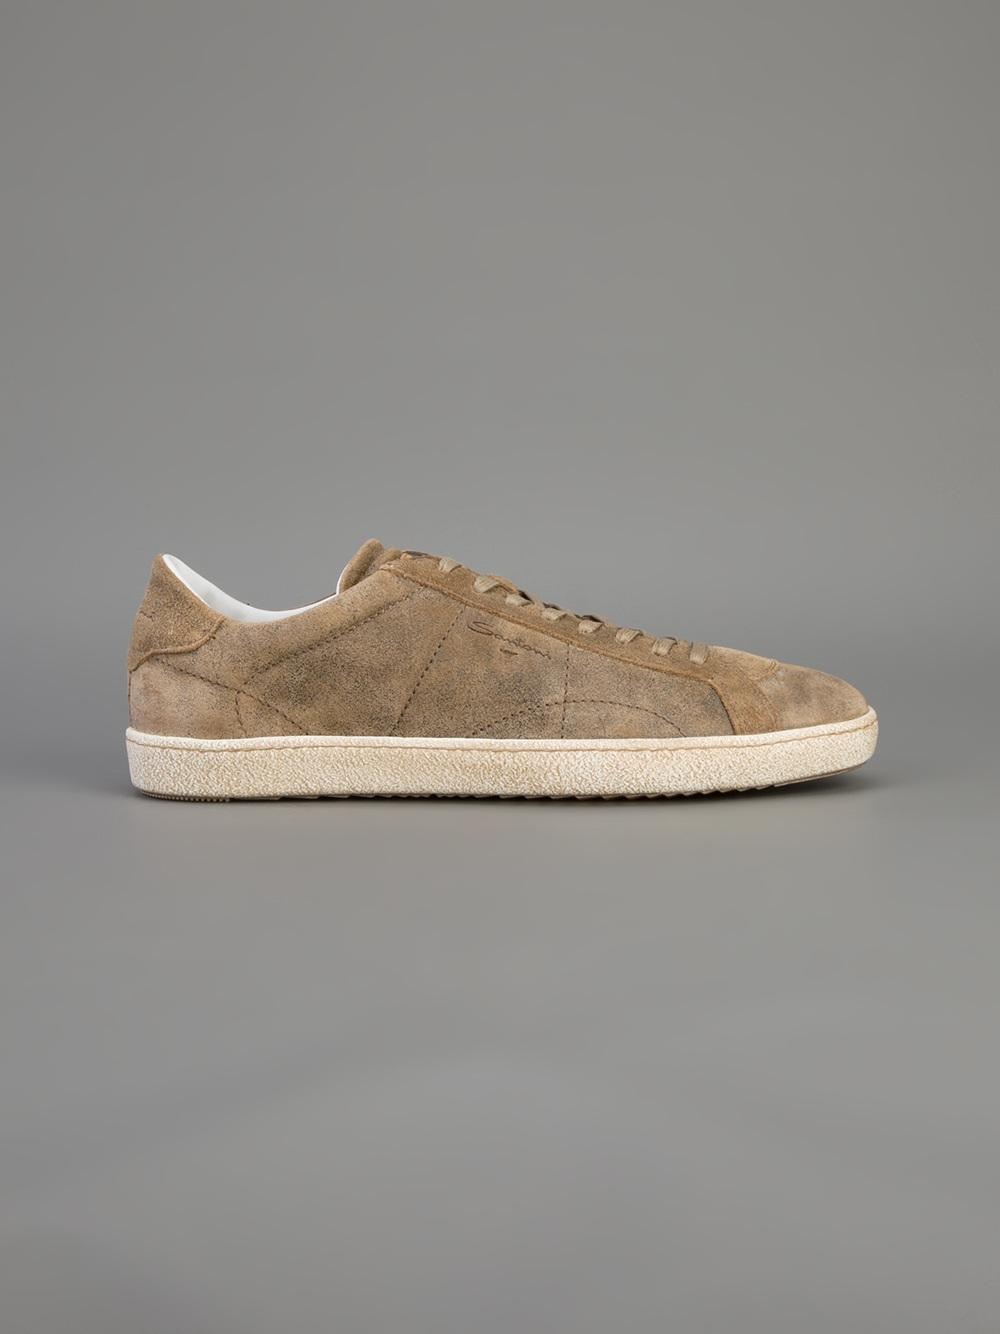 Santoni Suede Laceup Sneaker in Brown